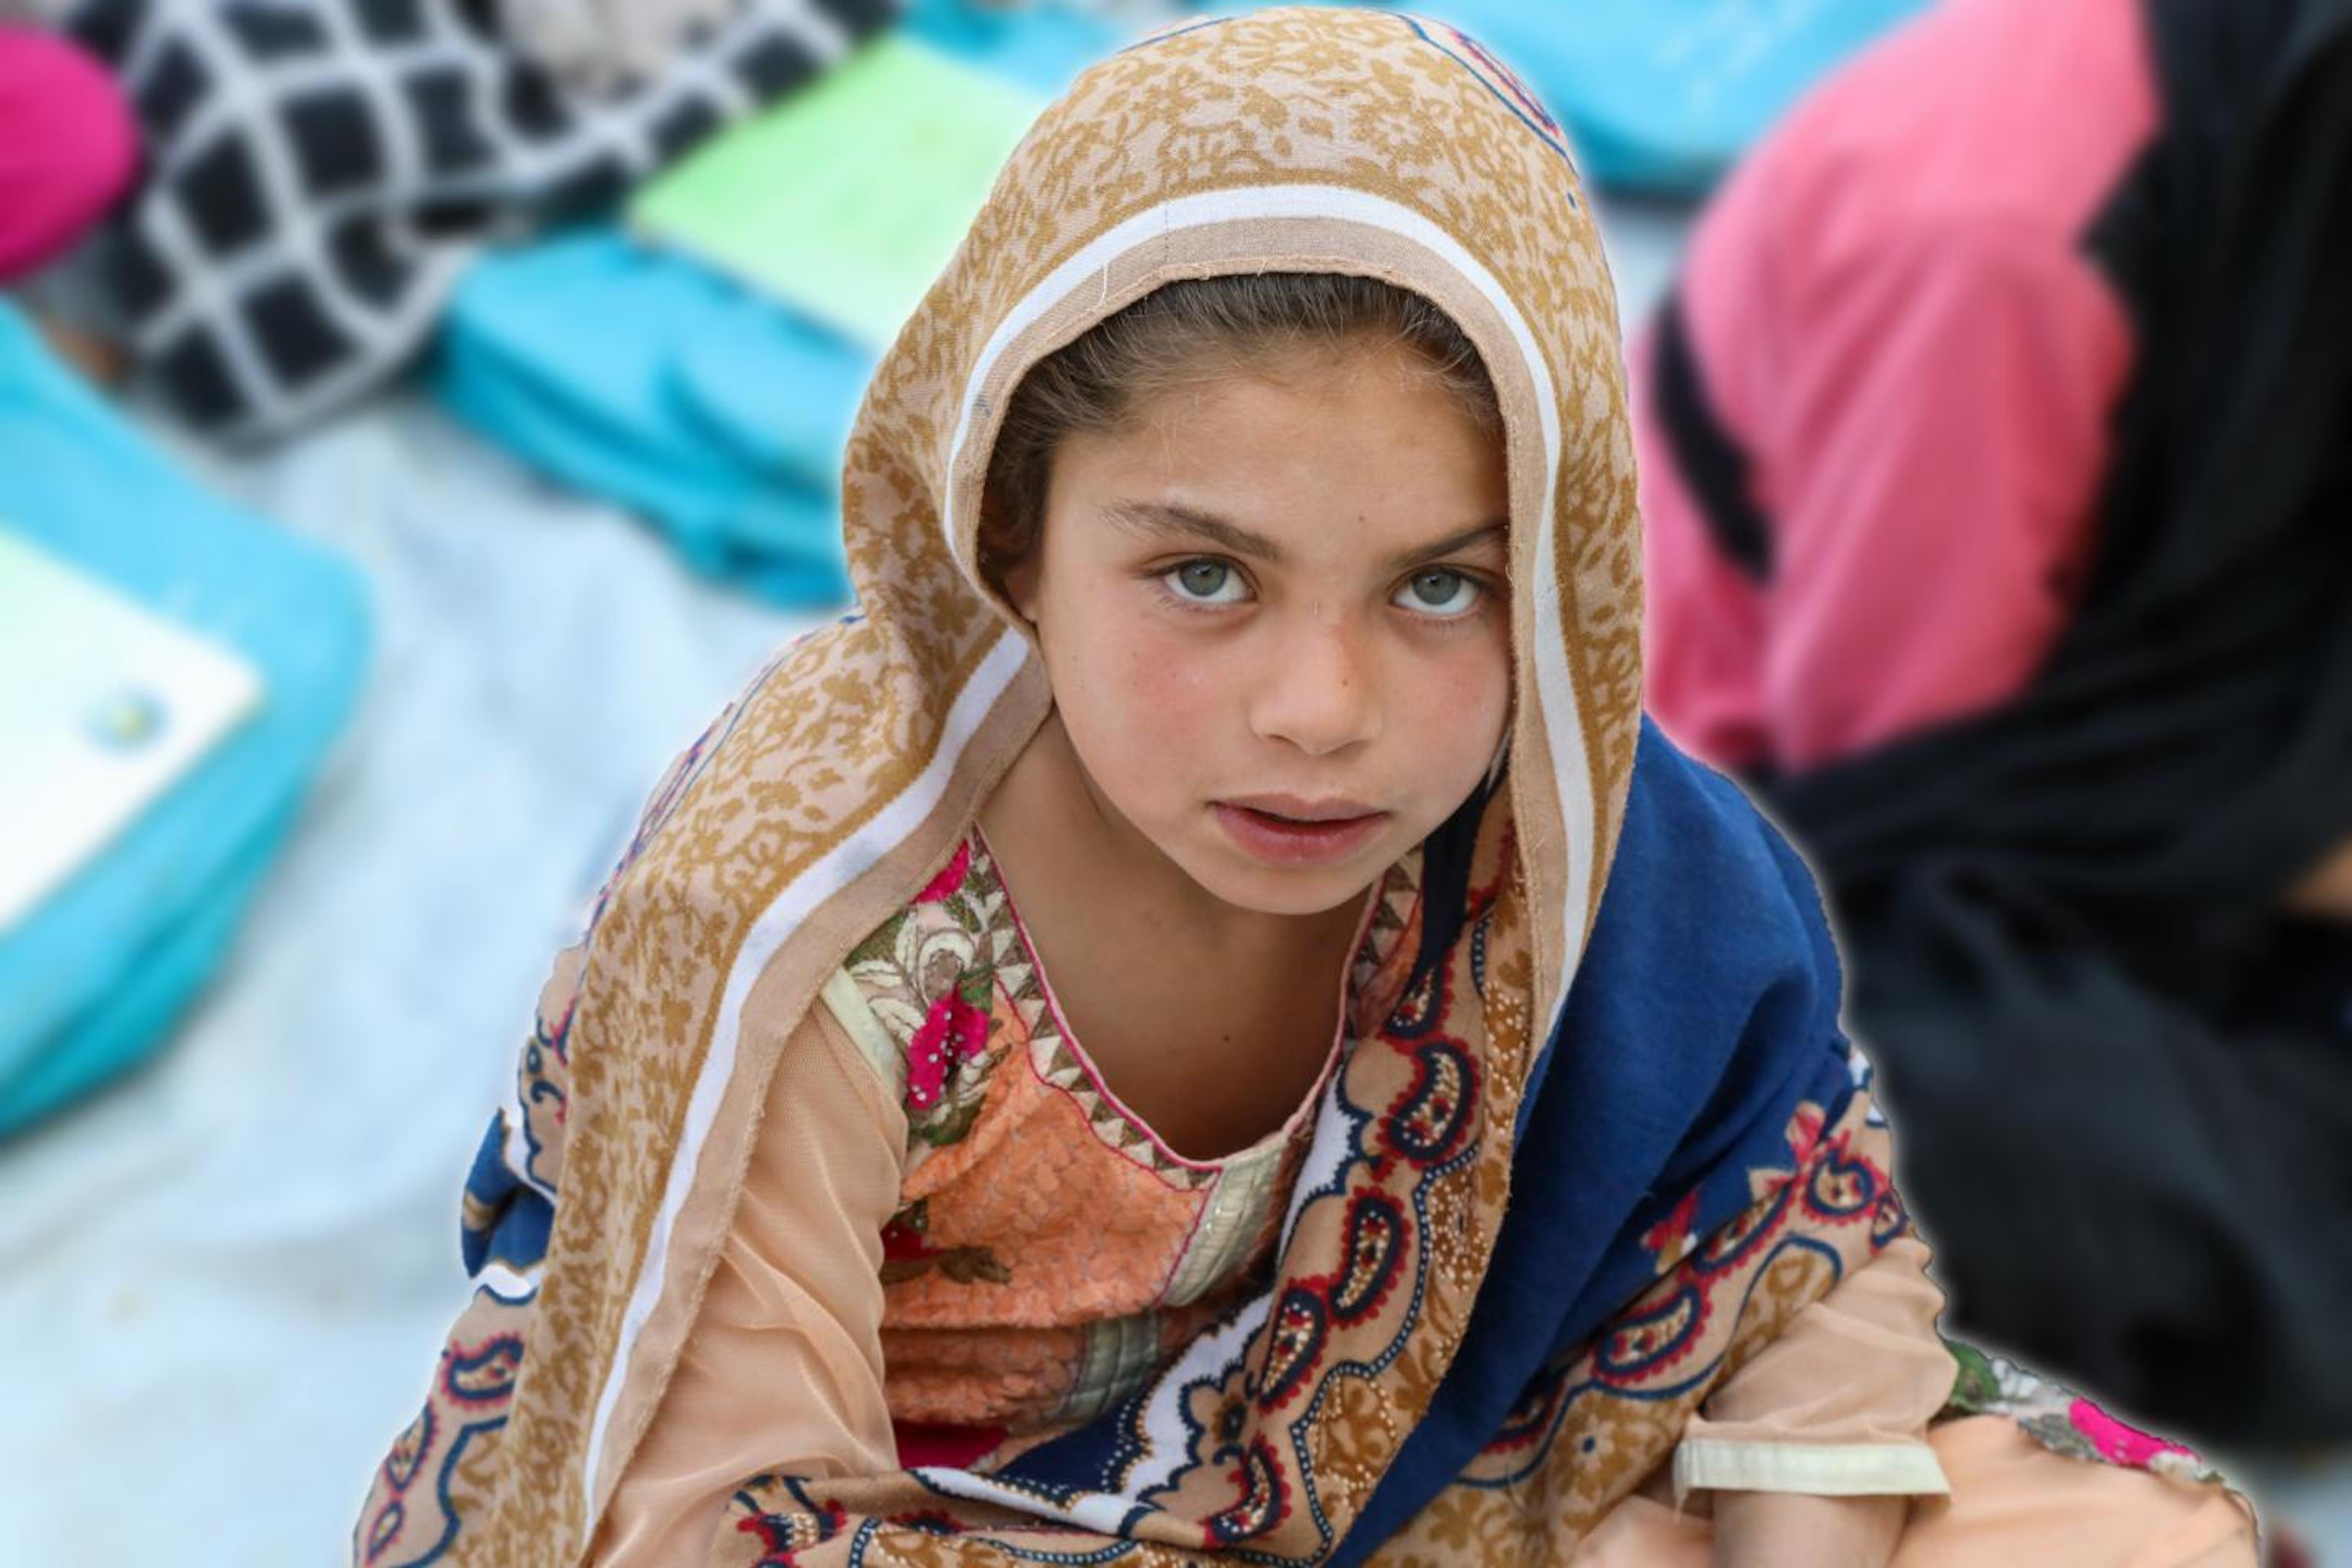 Afghanistan: questa bambina si trova presso il Community Based Education (CBE) di Miirwais Meena supportato dall'UNICEF. Qui i bambini possono ricevere un'istruzione in comunità remote e sottoservite dove non esistono scuole formali e/o si trovano molto lontano dalle loro aree residenziali